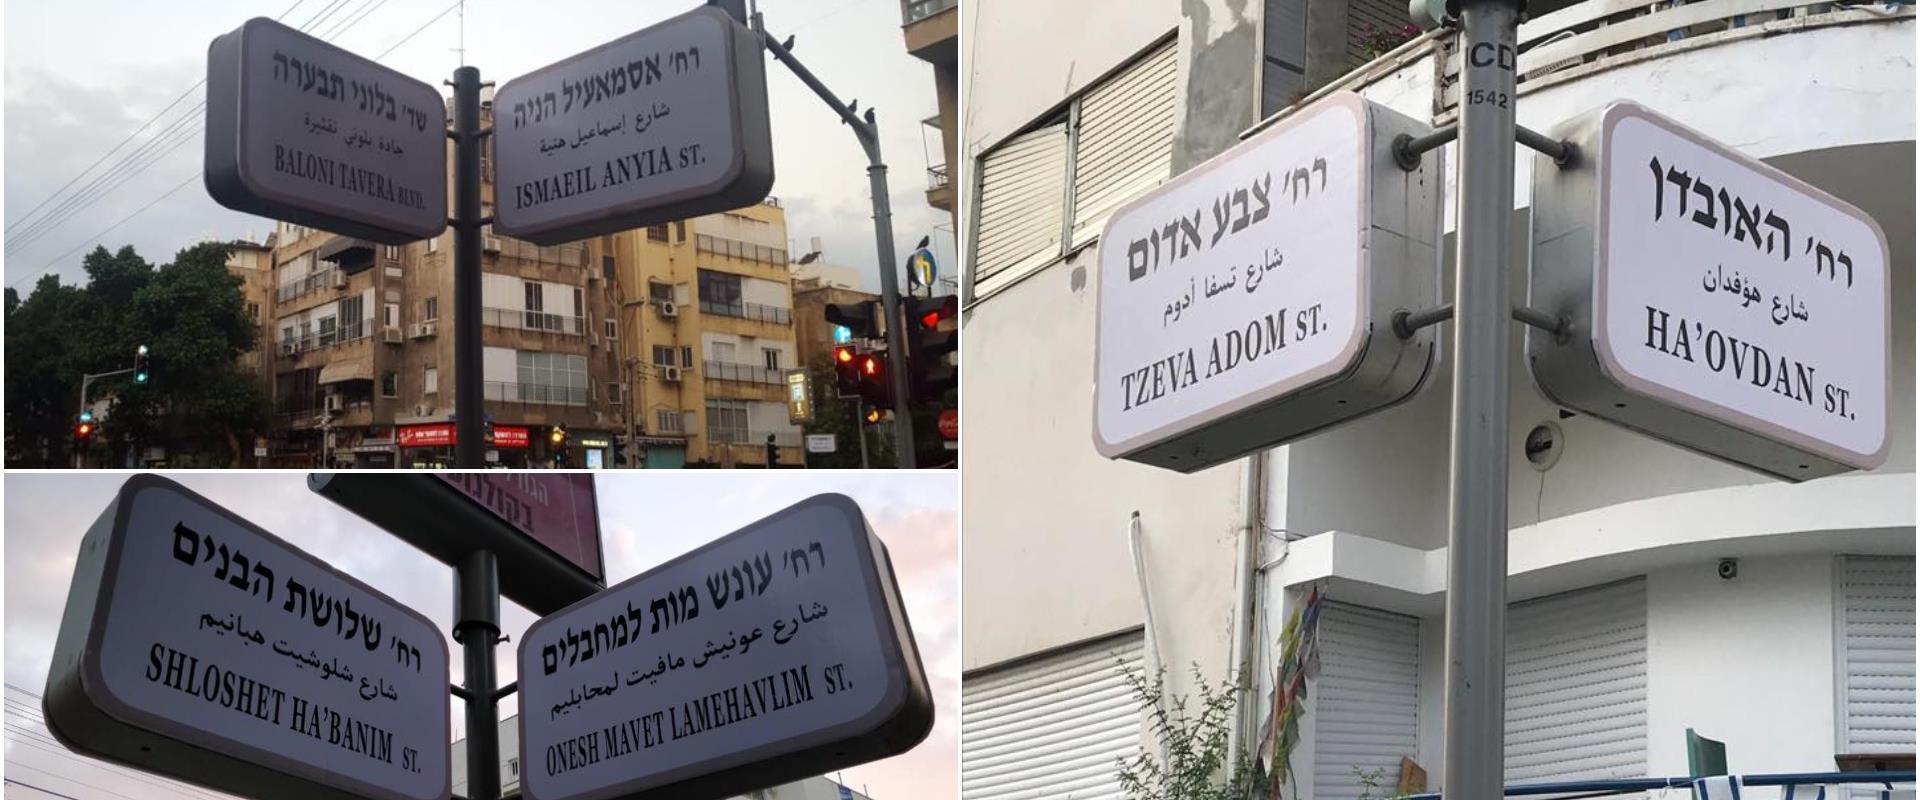 שמות הרחובות המוחלפים בשילוט